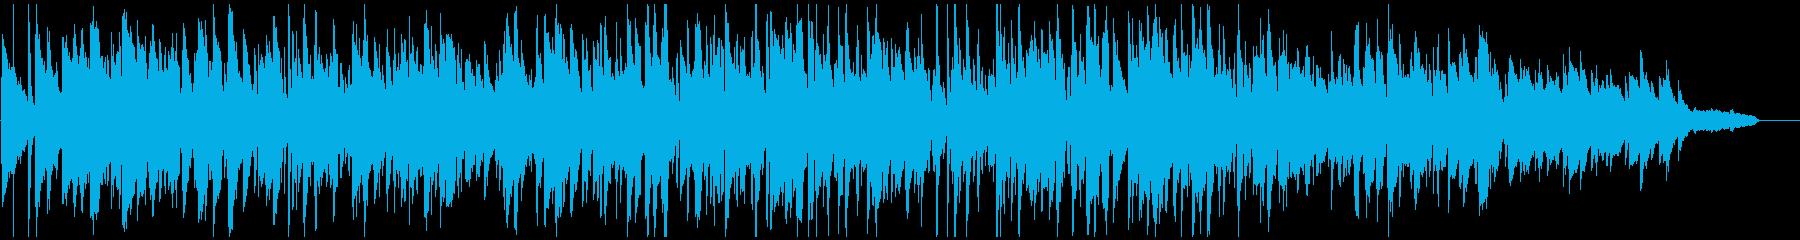 優しい紳士のボサノバ、素敵な低音メロディの再生済みの波形